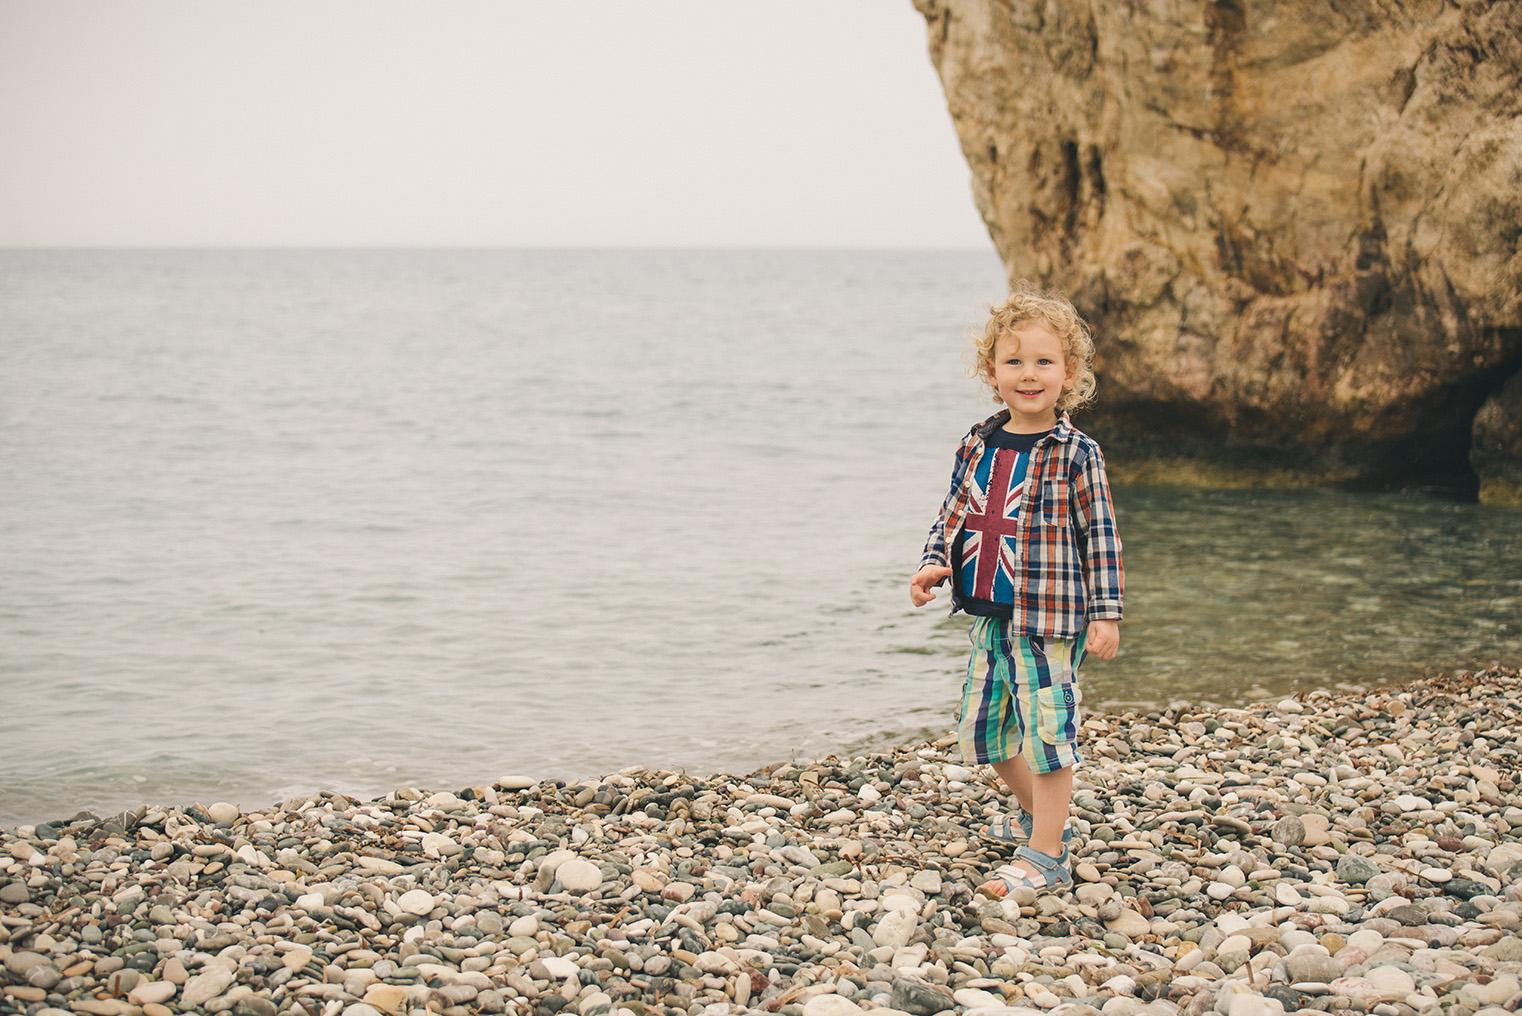 10.Skala Afrodyty - kamienista plaza - Cypr z dzieckiem